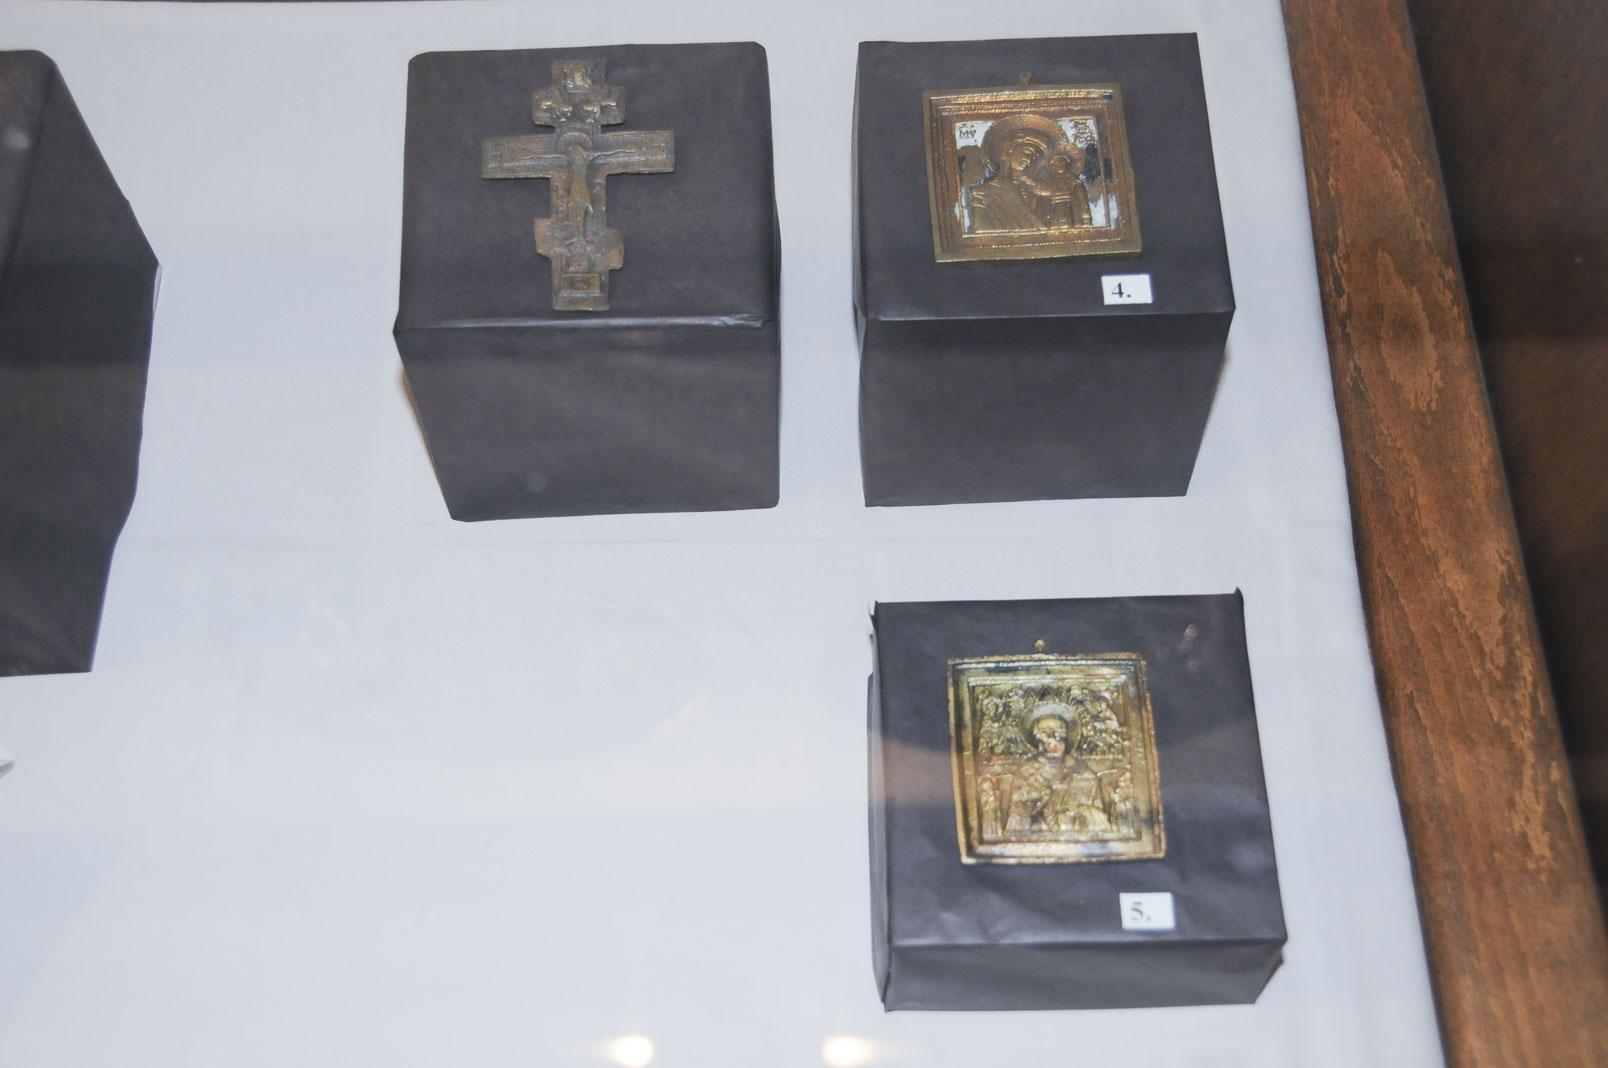 troyan-museum-osvobozhdenieto-3ti-mart-22